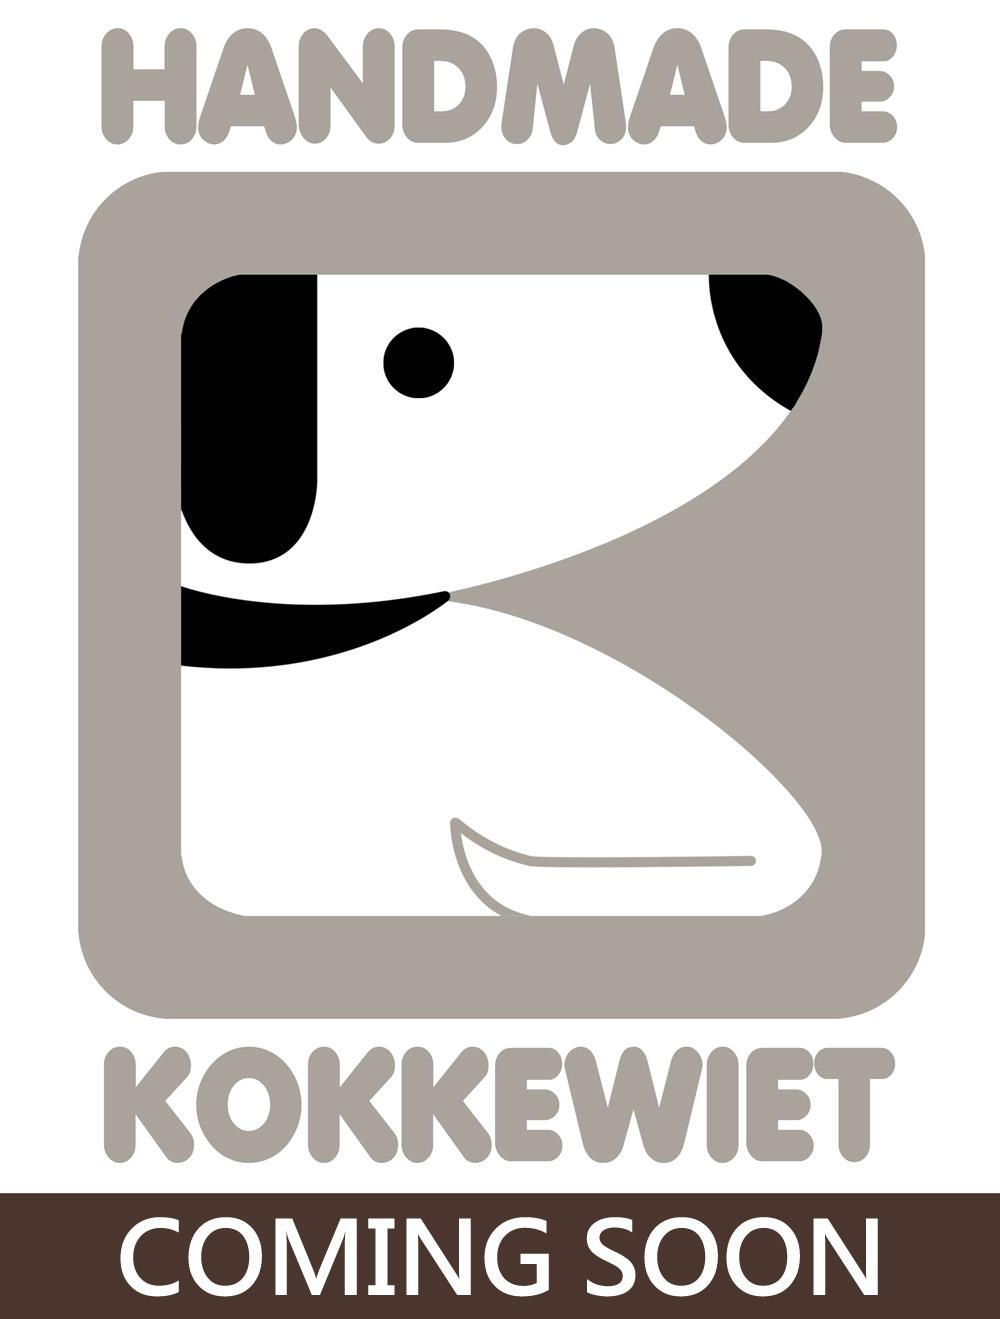 Kokkewiet Handmade Coming Soon